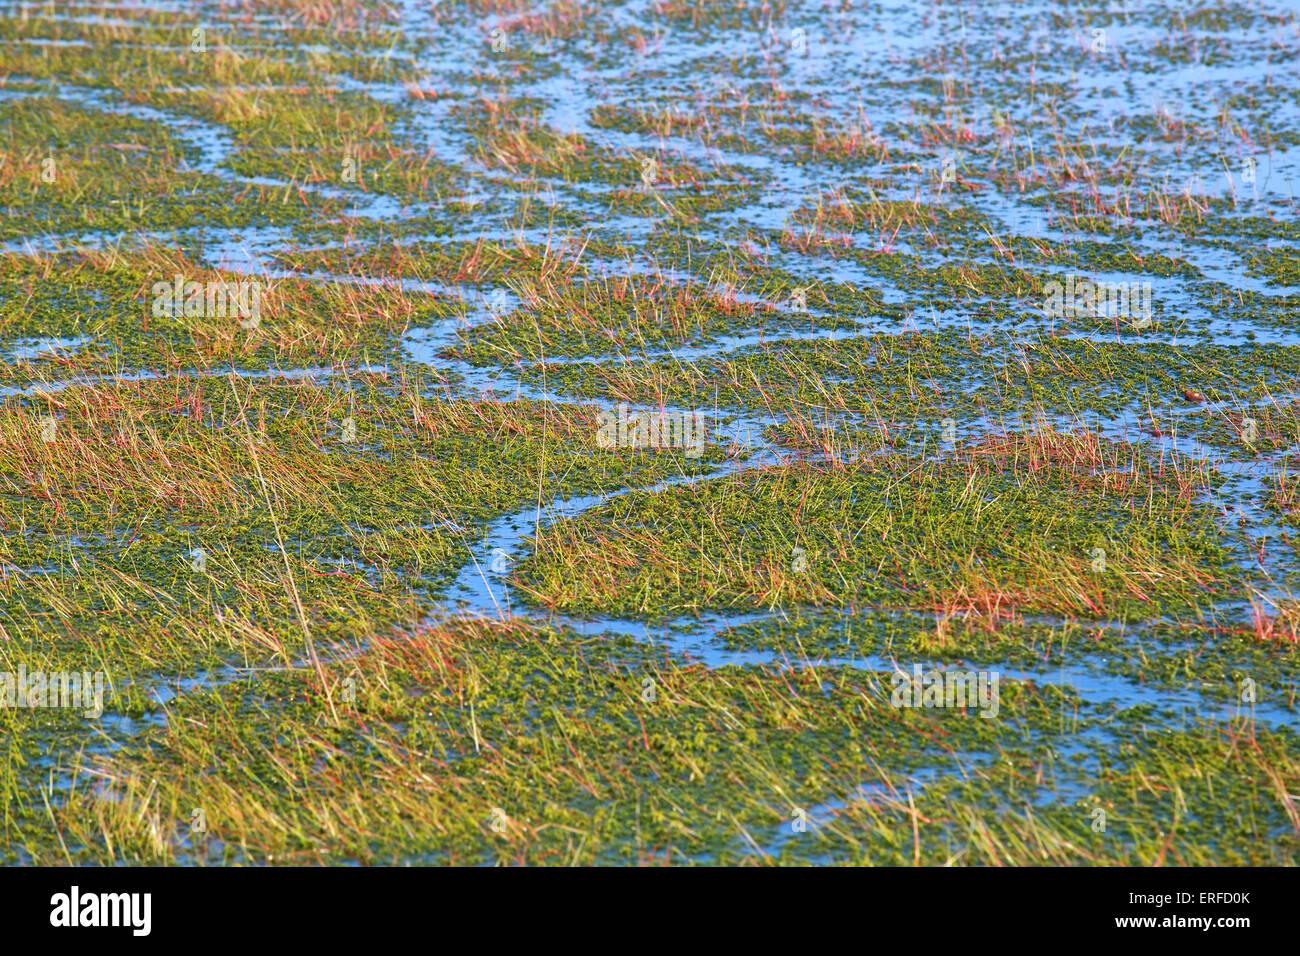 Hintergrund der Grünalgen und Wasser im Sumpf Stockbild